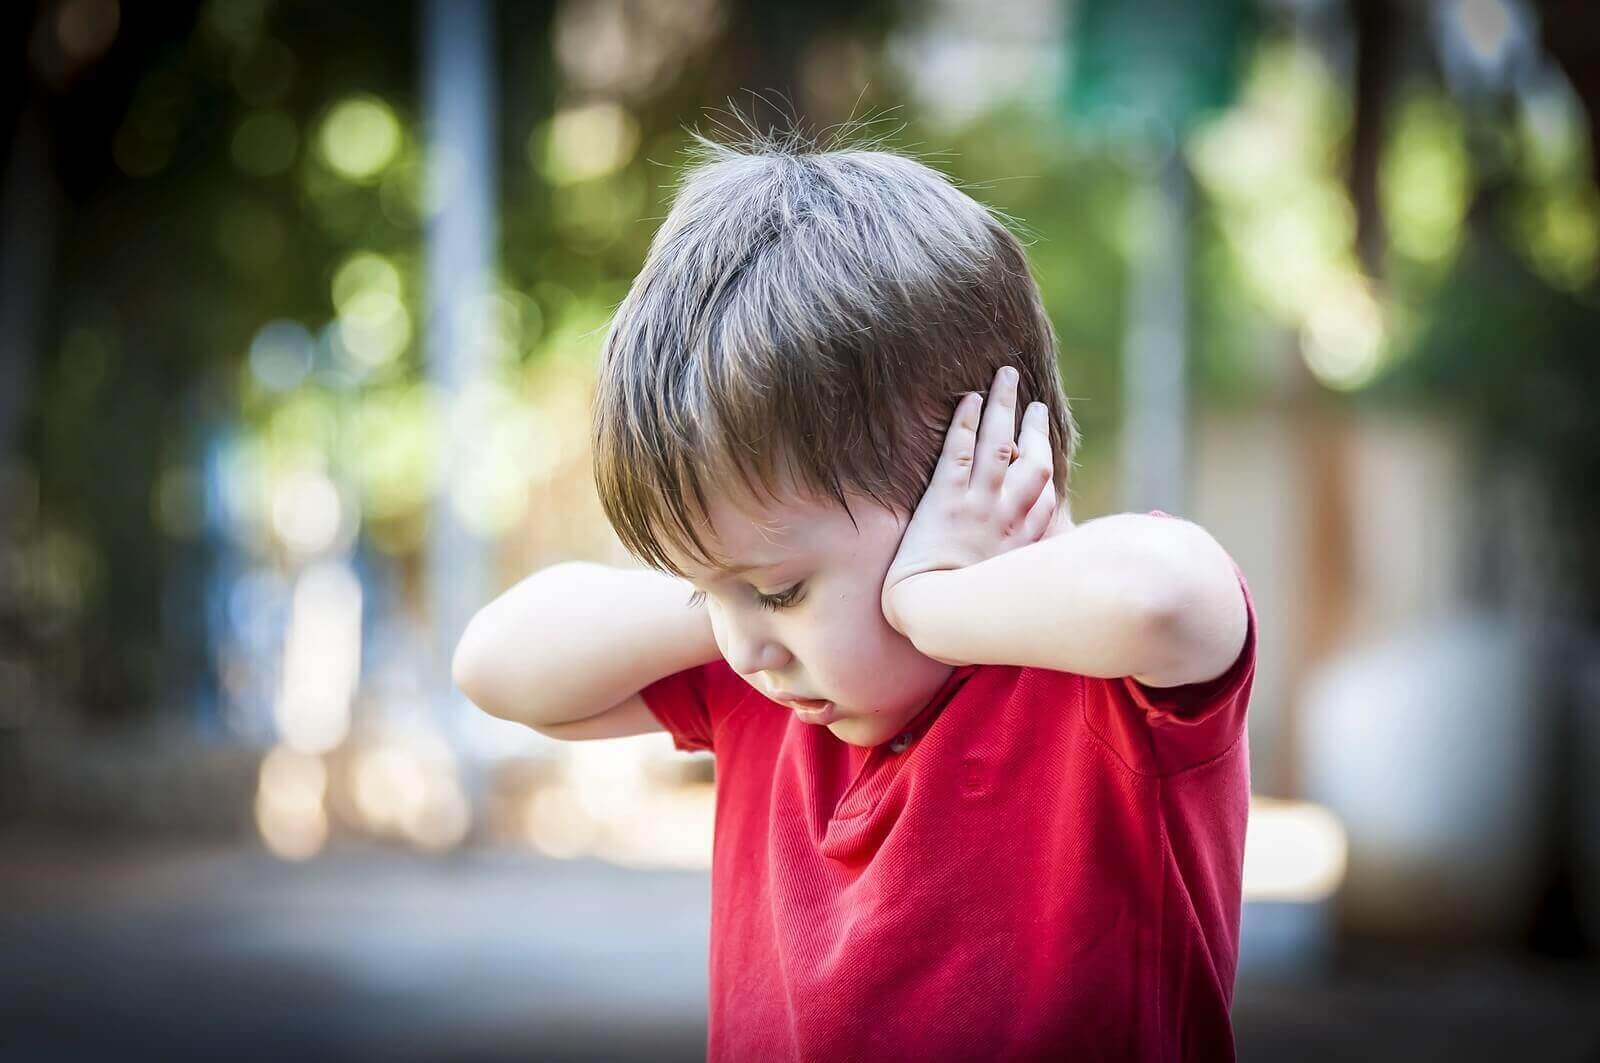 İki eliyle kulaklarını tıkayan erkek çocuk